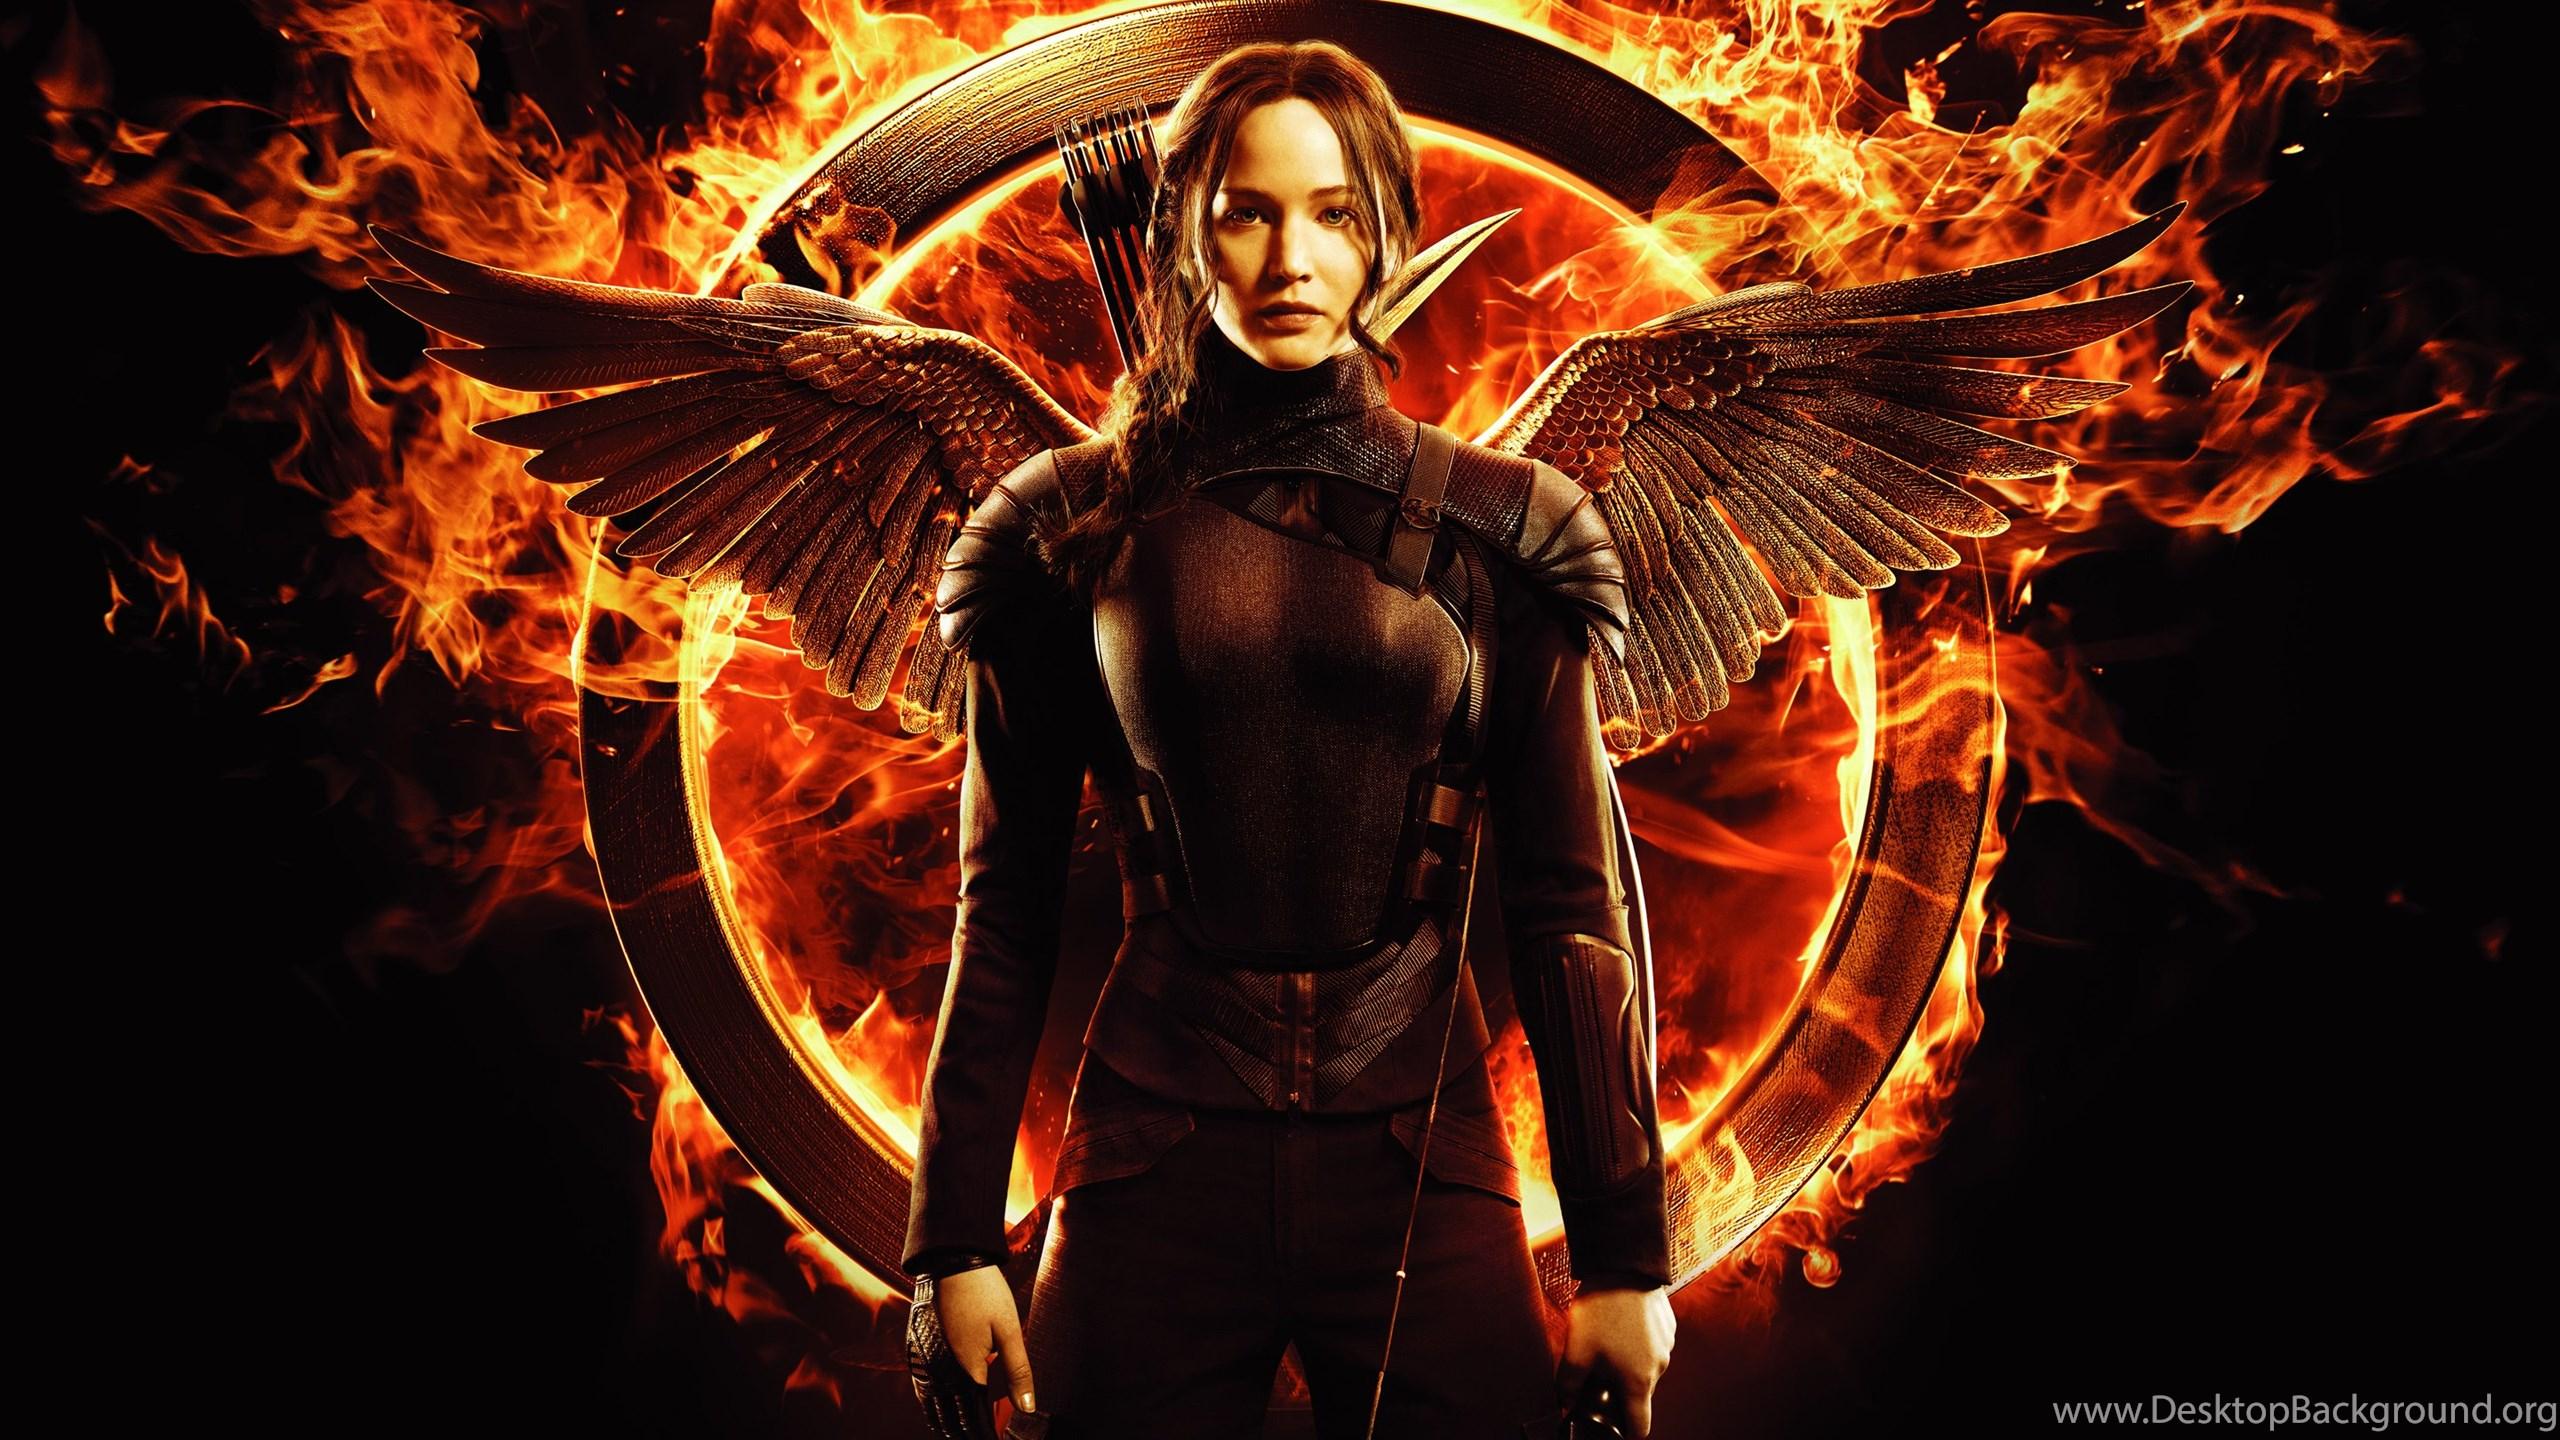 High Resolution Gaming Wallpapers: High Resolution Katniss Everdeen Hunger Games Desktop